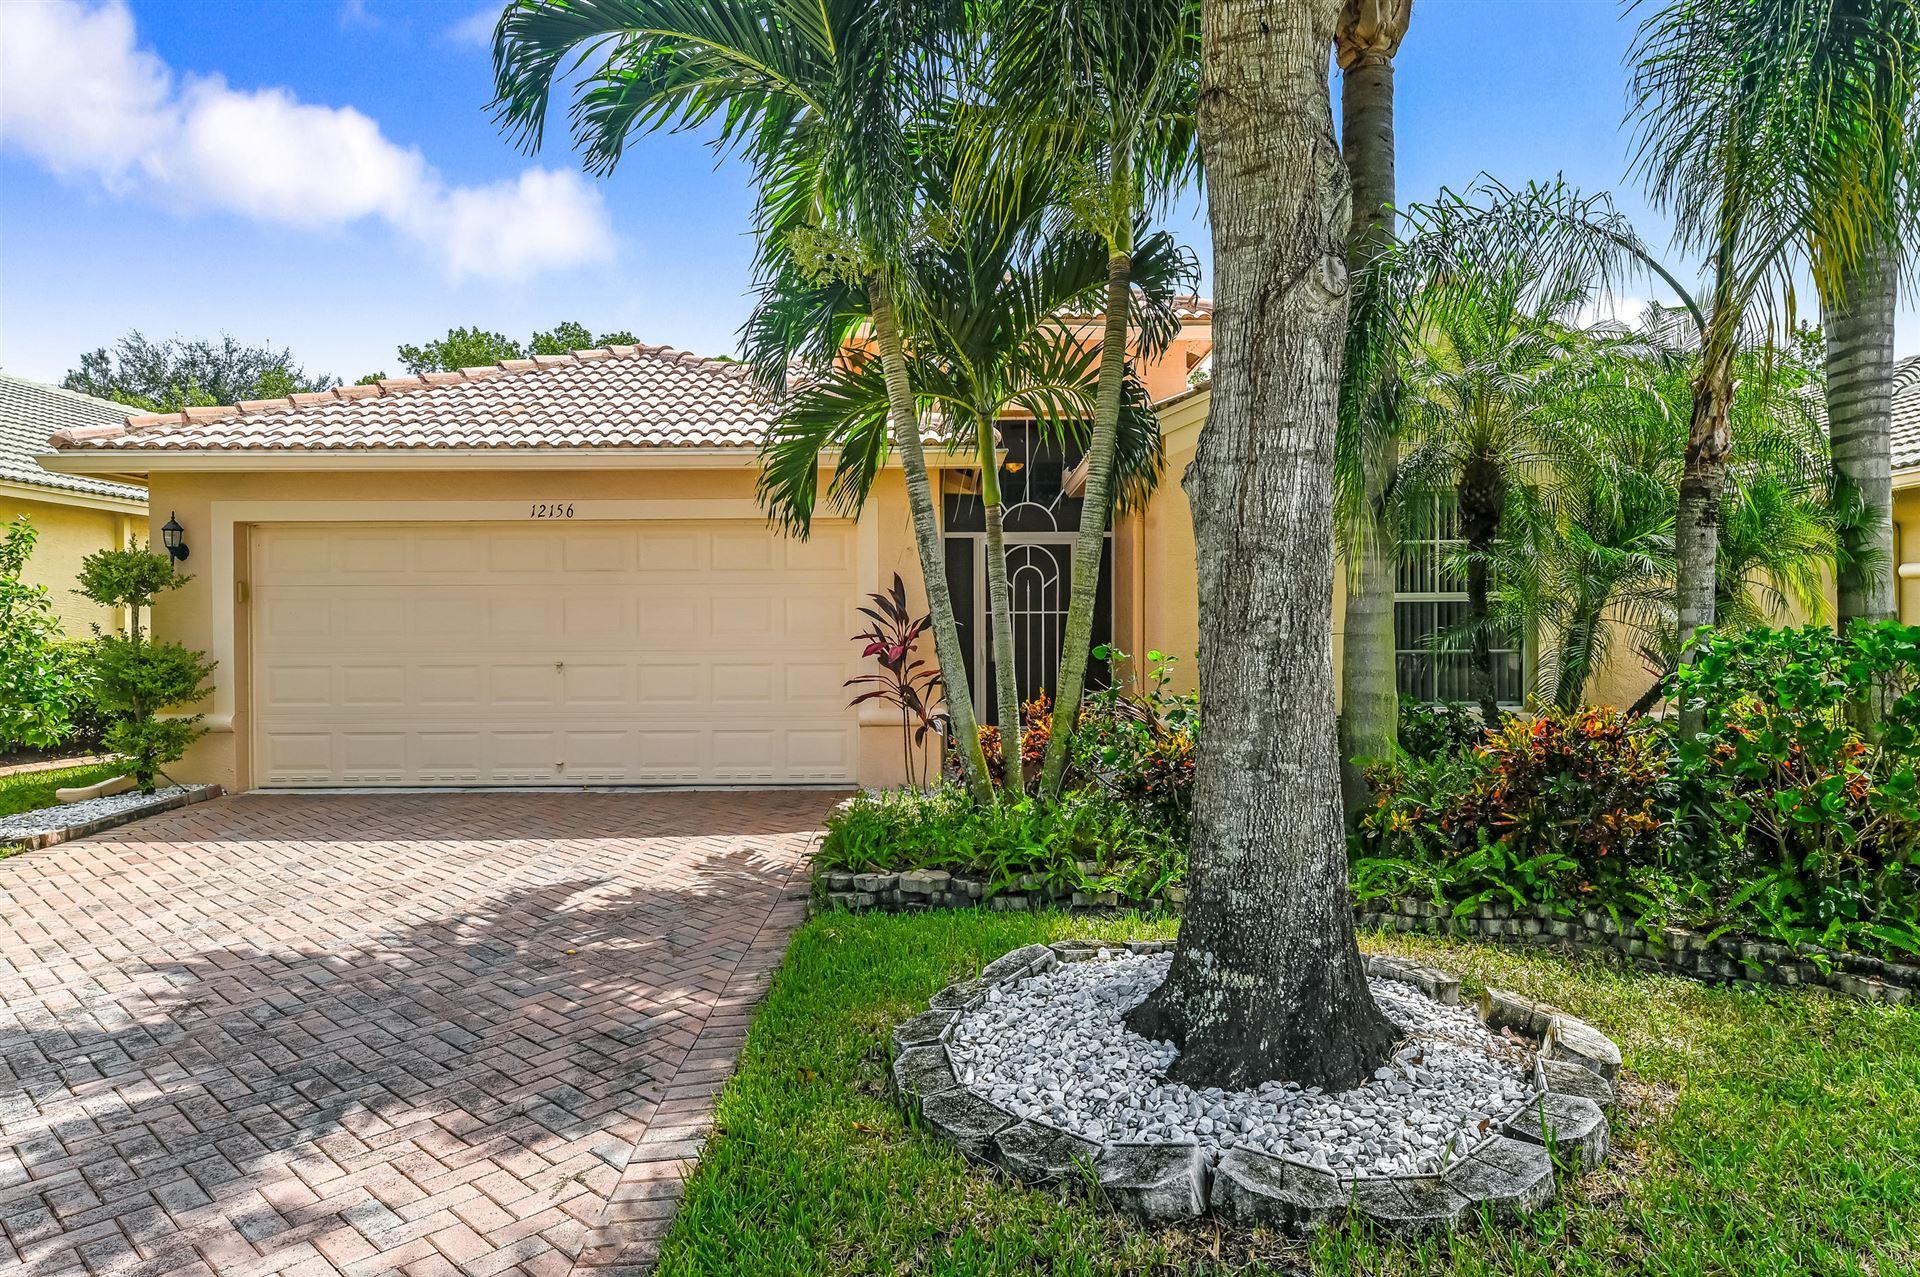 12156 La Vita Way, Boynton Beach, FL 33437 - #: RX-10649839